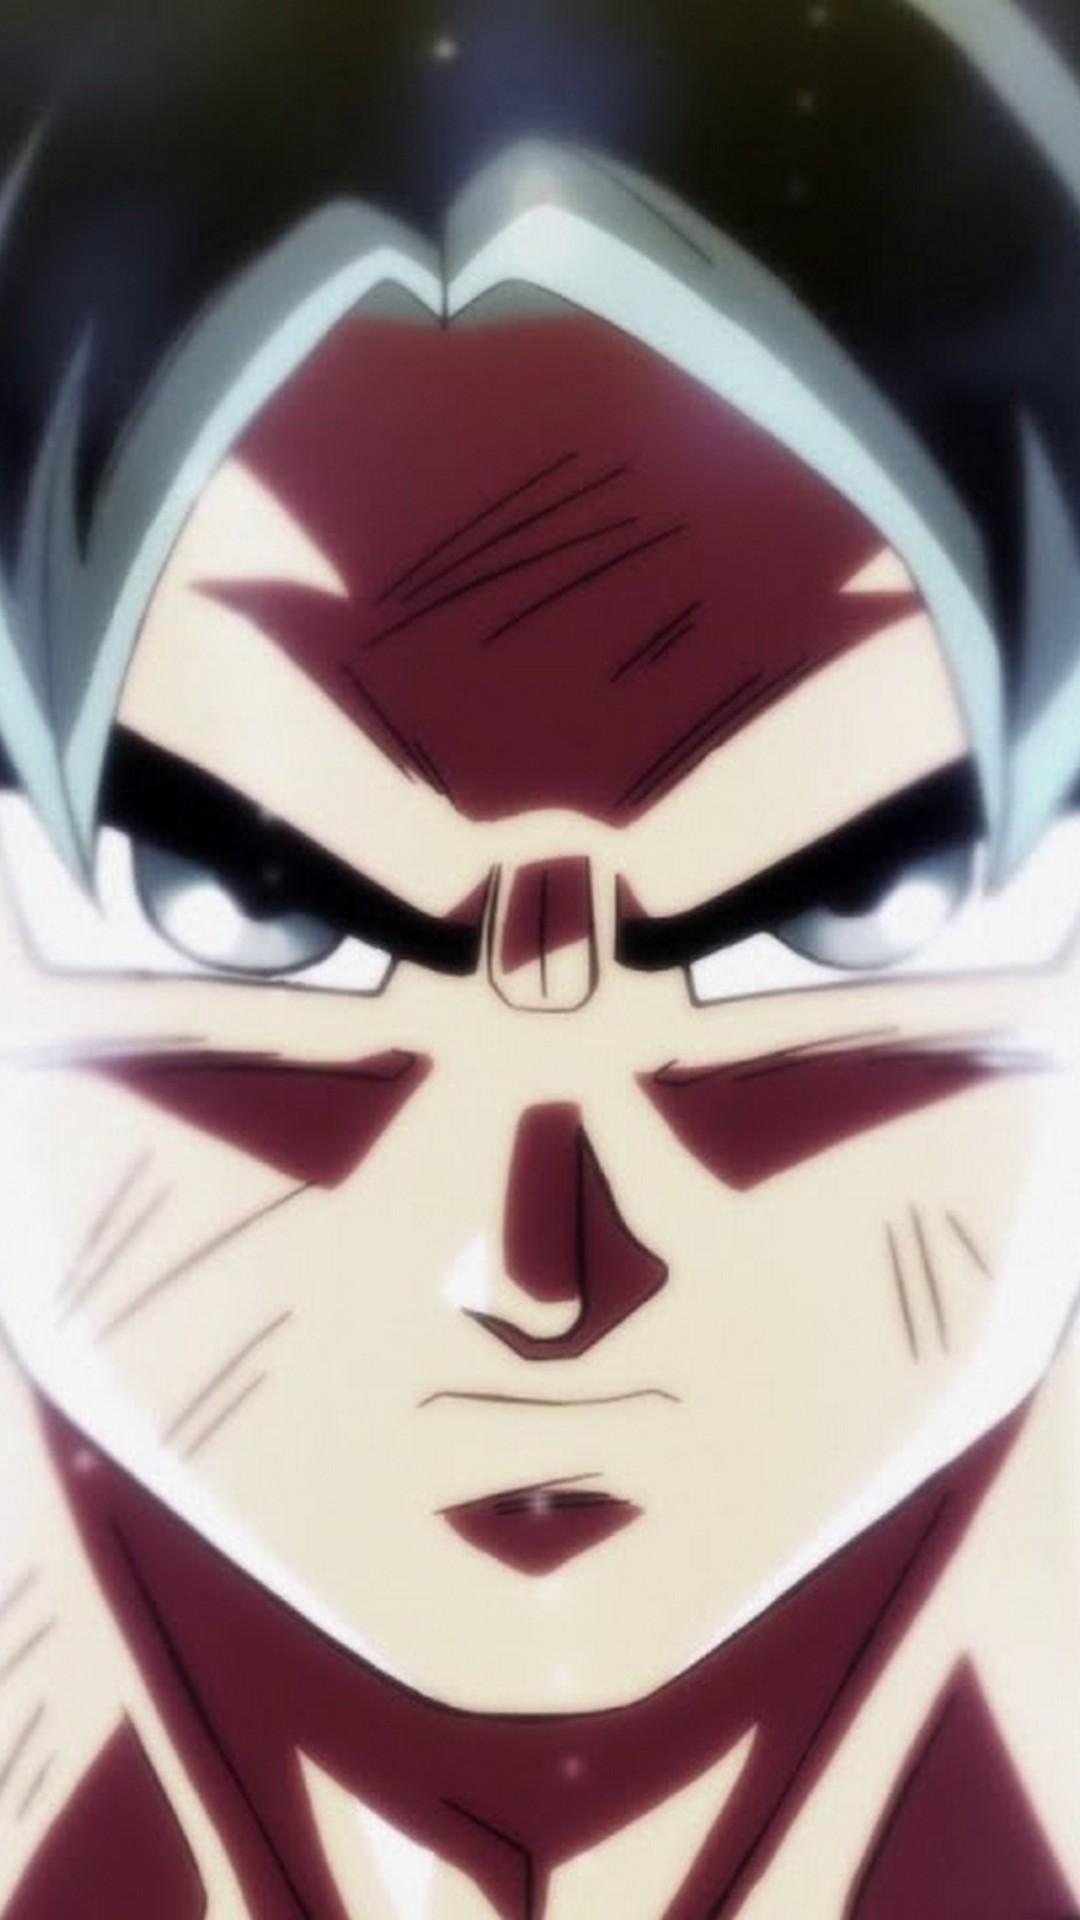 Angry Goku Wallpaper